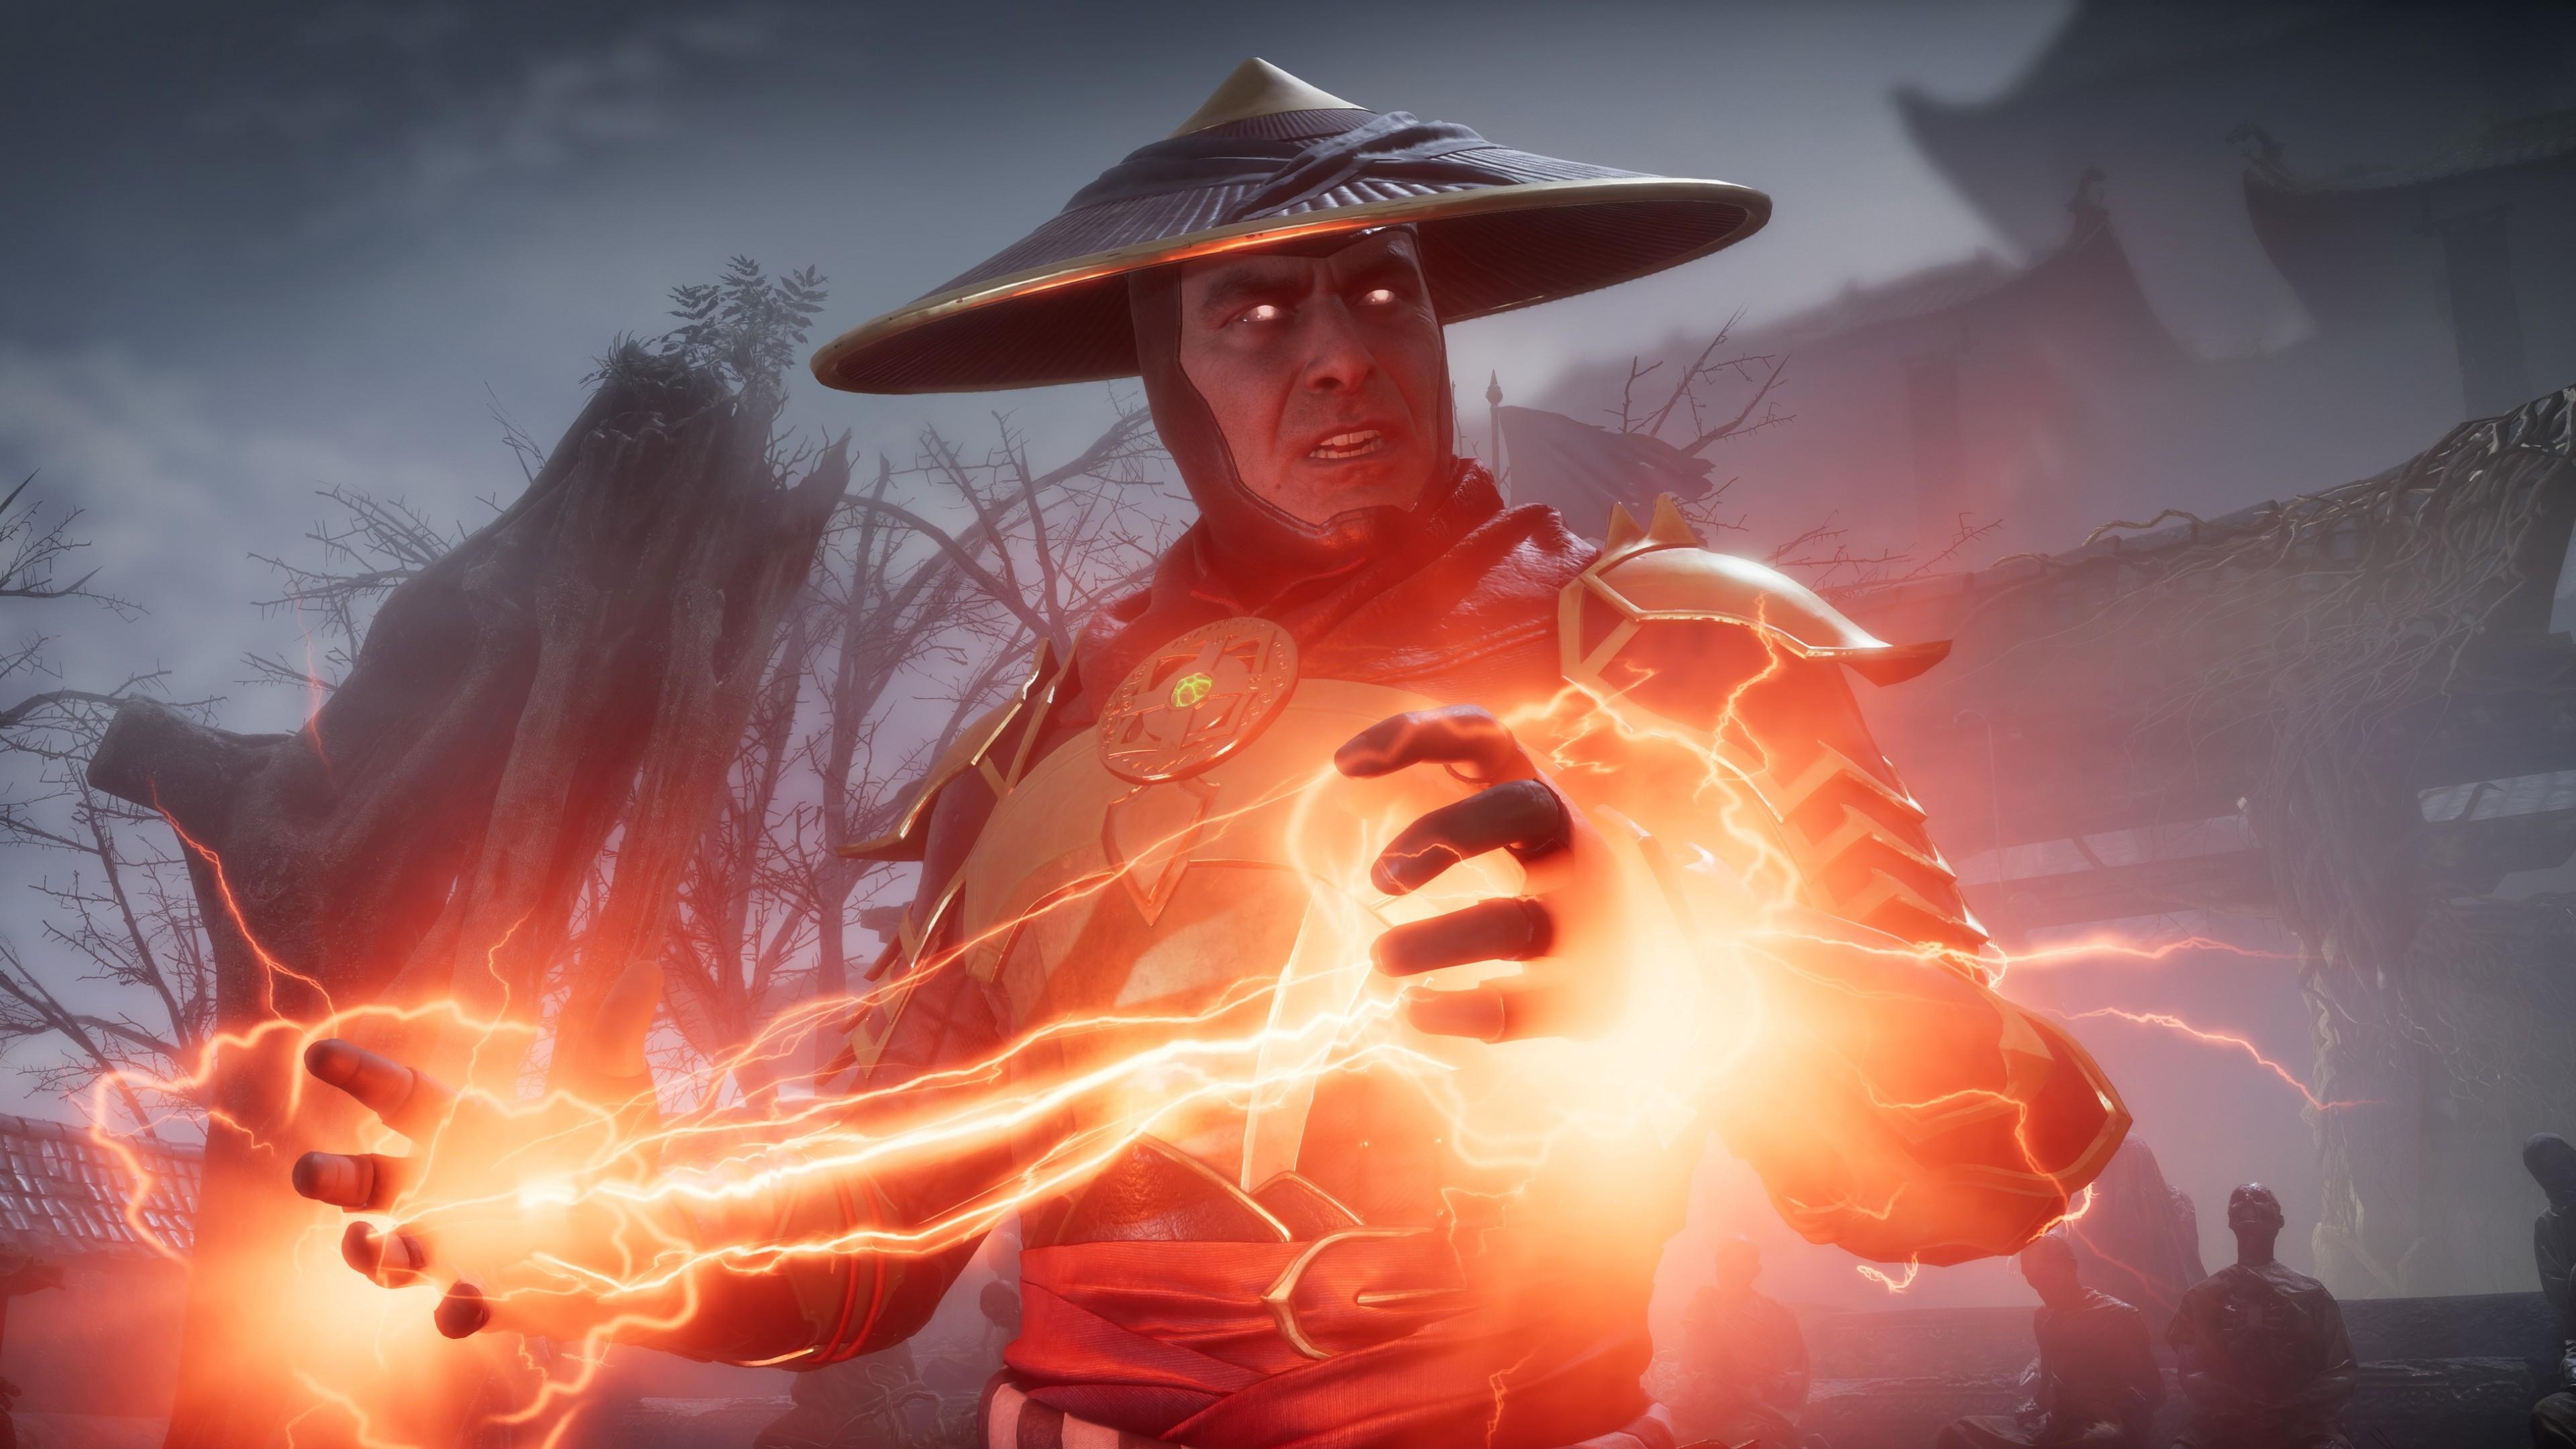 Wallpaper Mortal Kombat 11 screenshot 4K Games